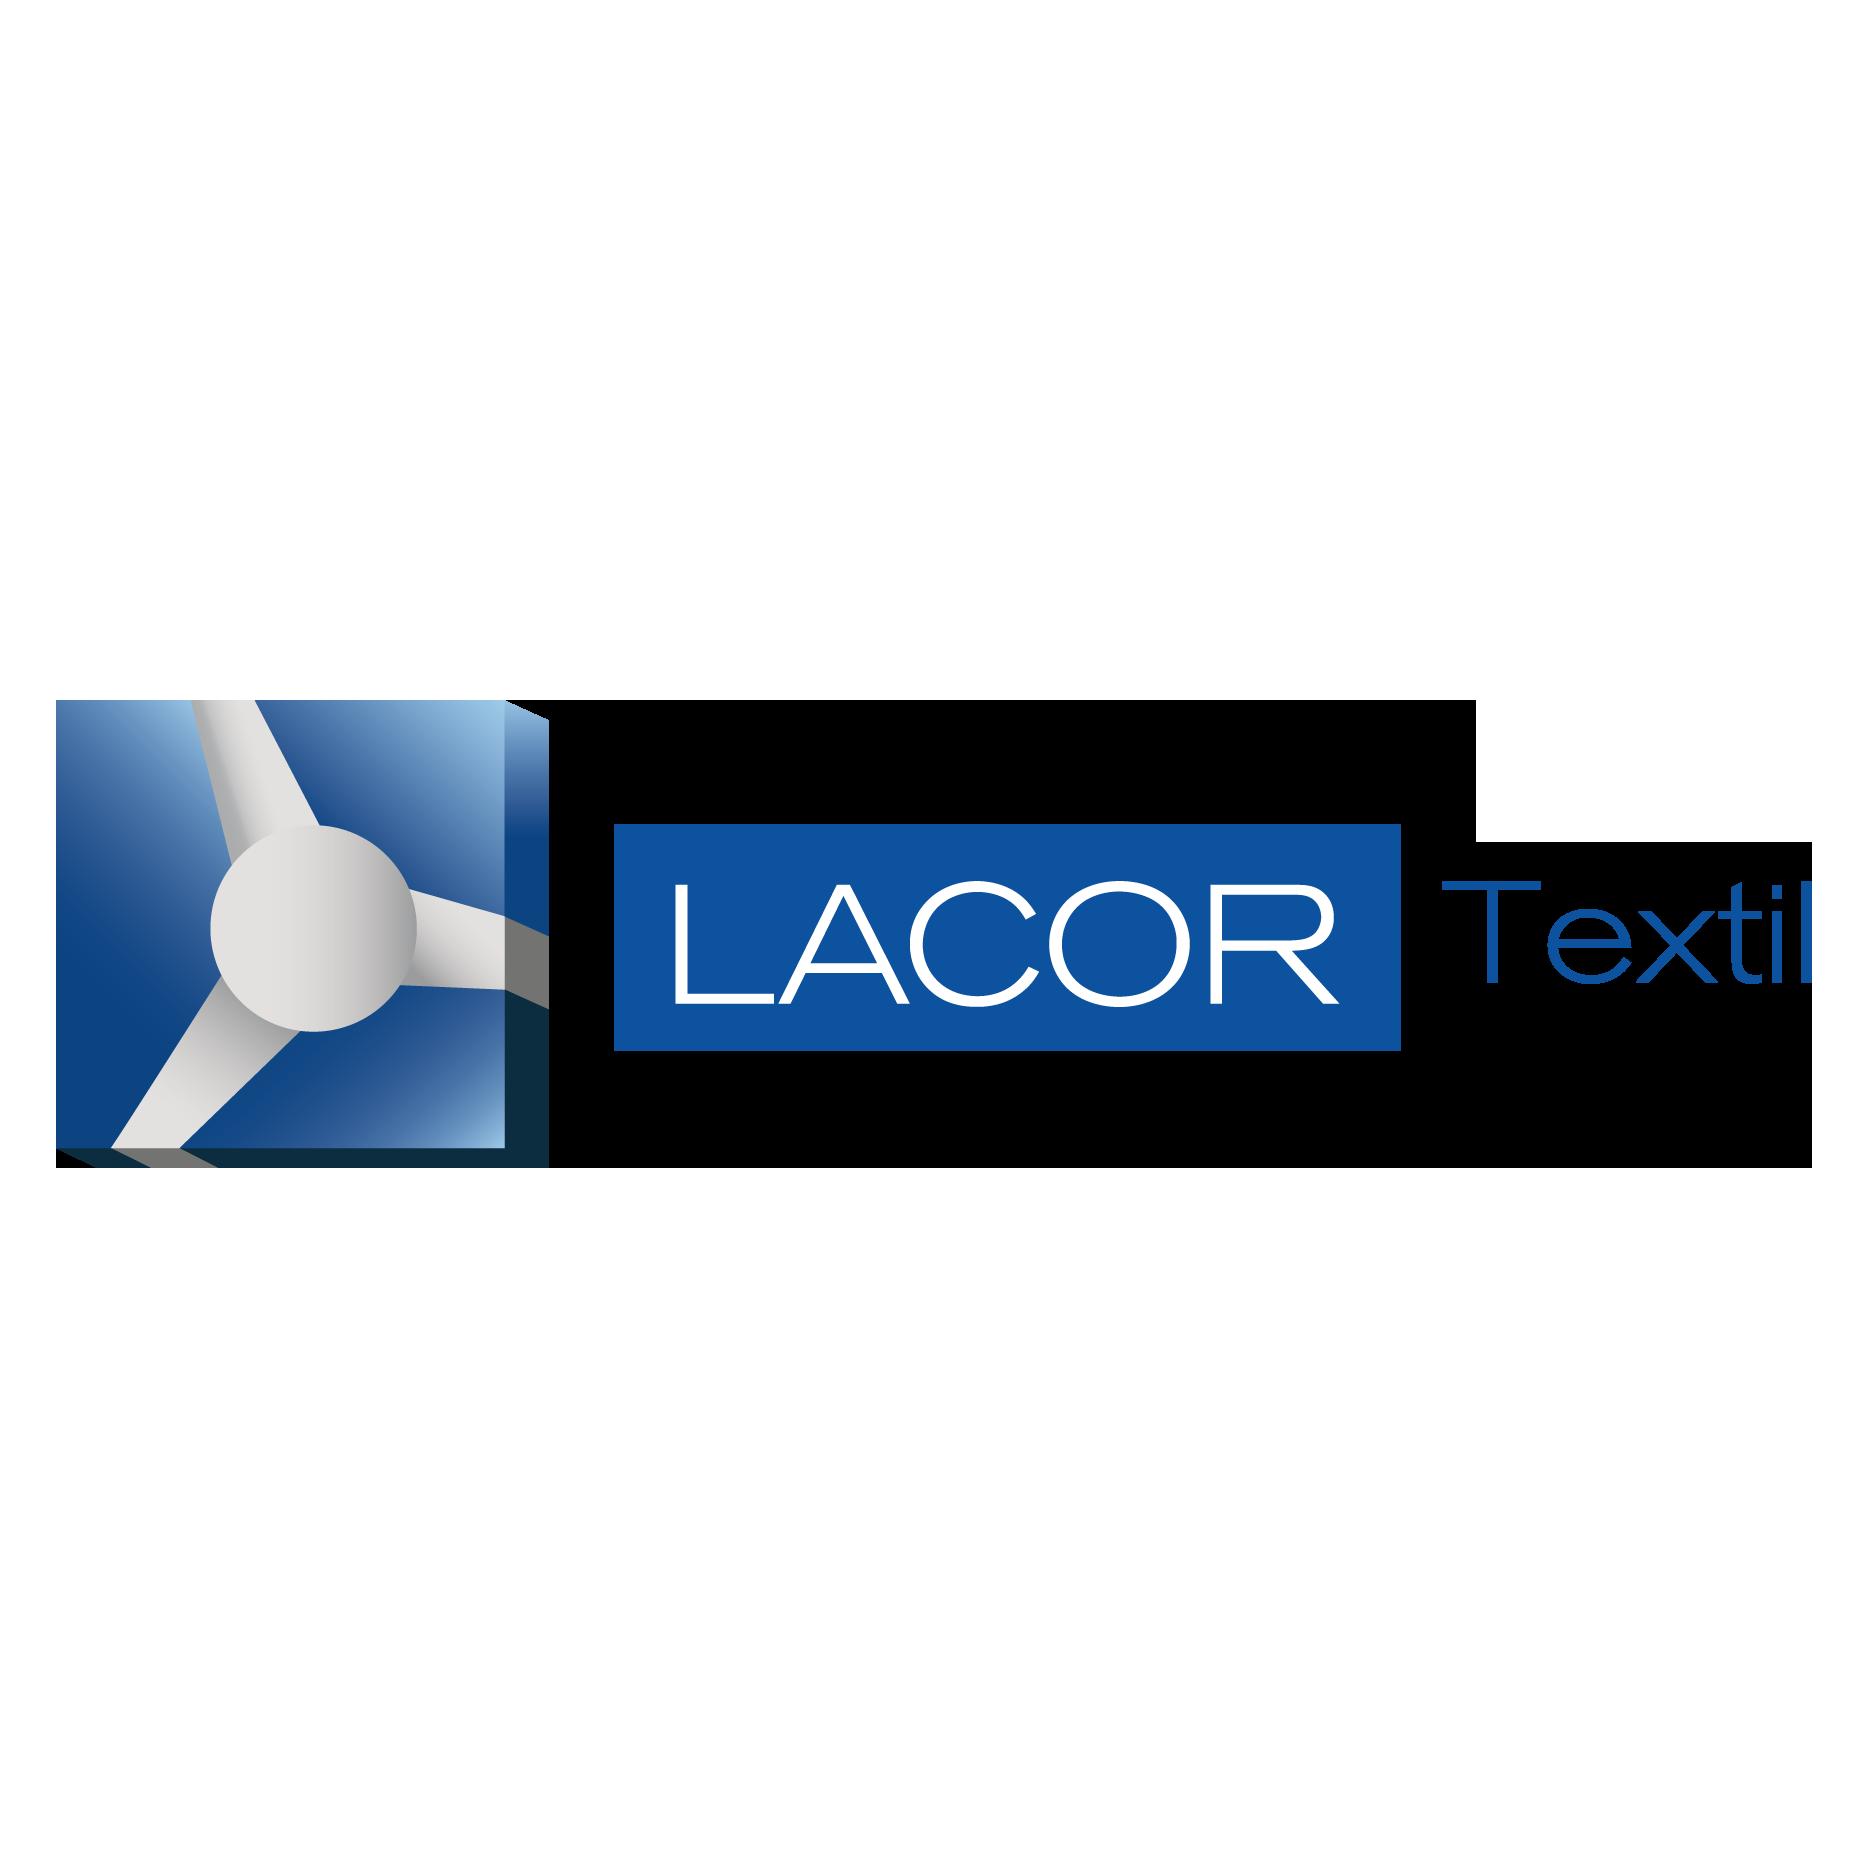 Lacor Textil